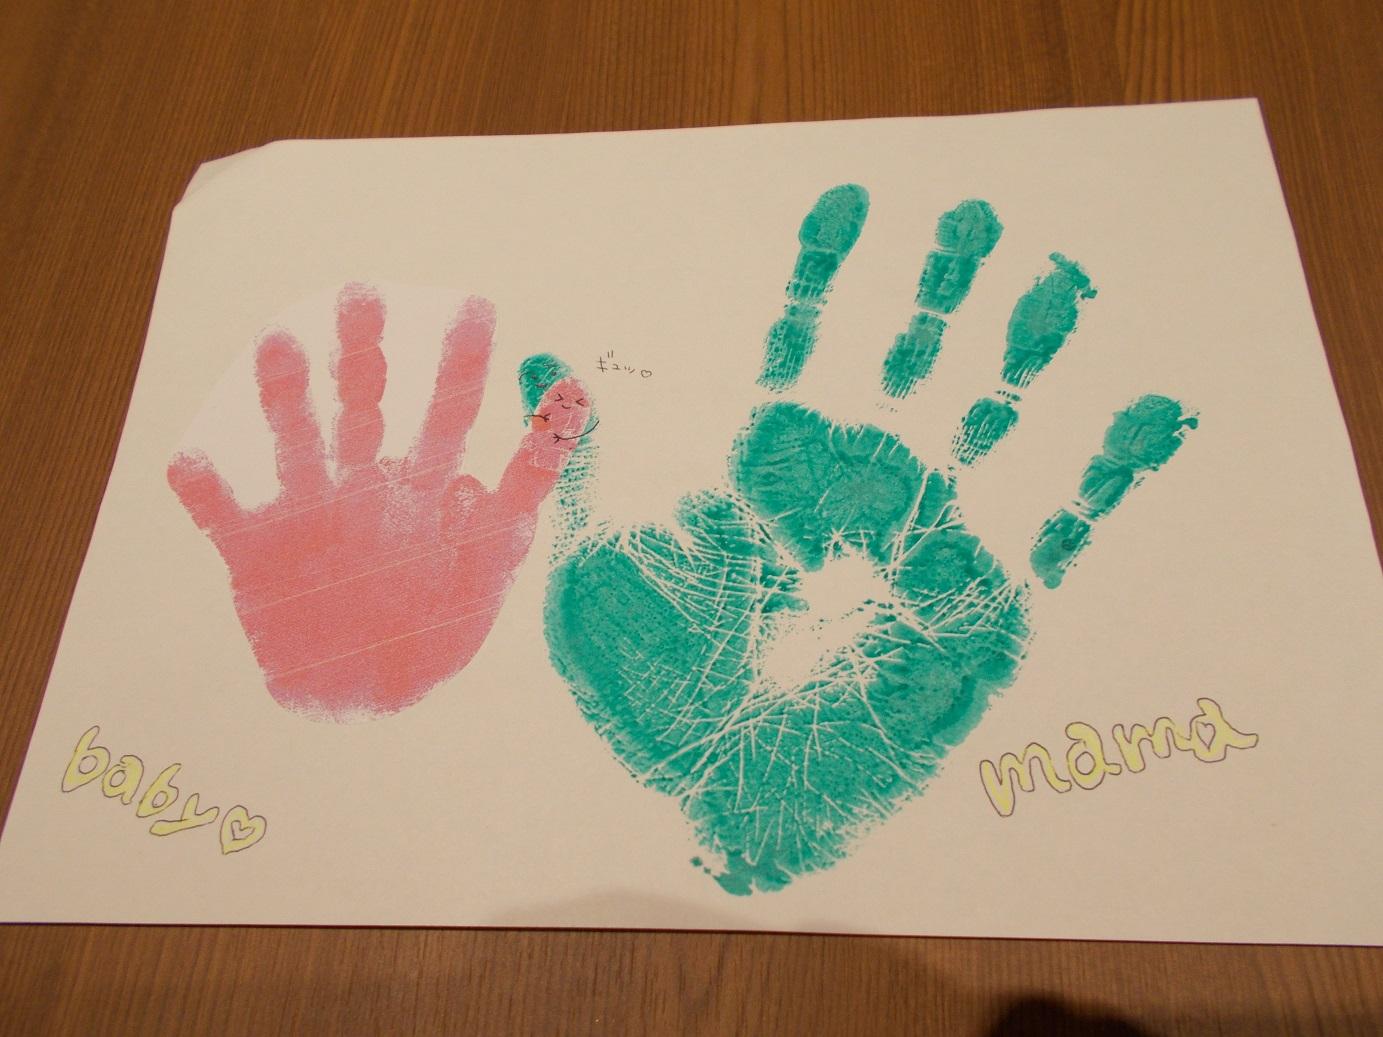 親子で手形アート~仲良し手形をとろう~